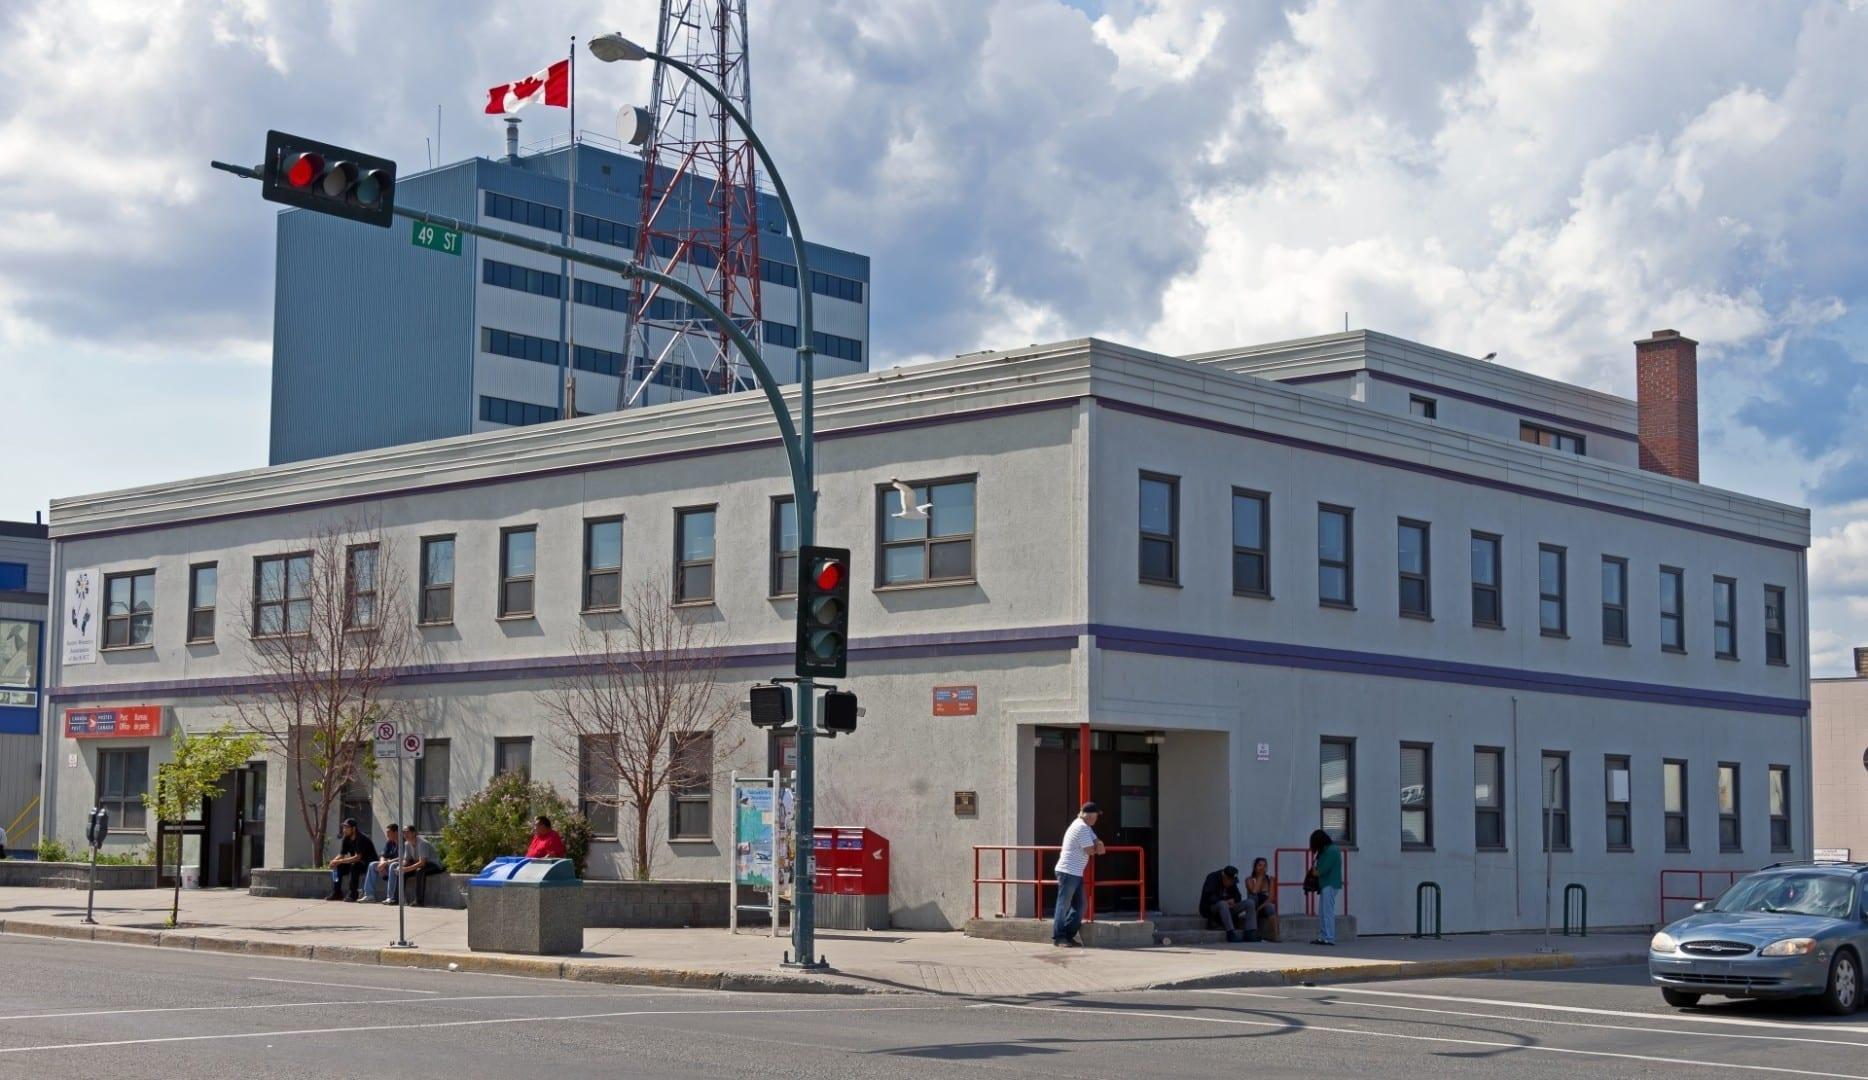 Oficina de Correos de Yellowknife Yellowknife Canadá